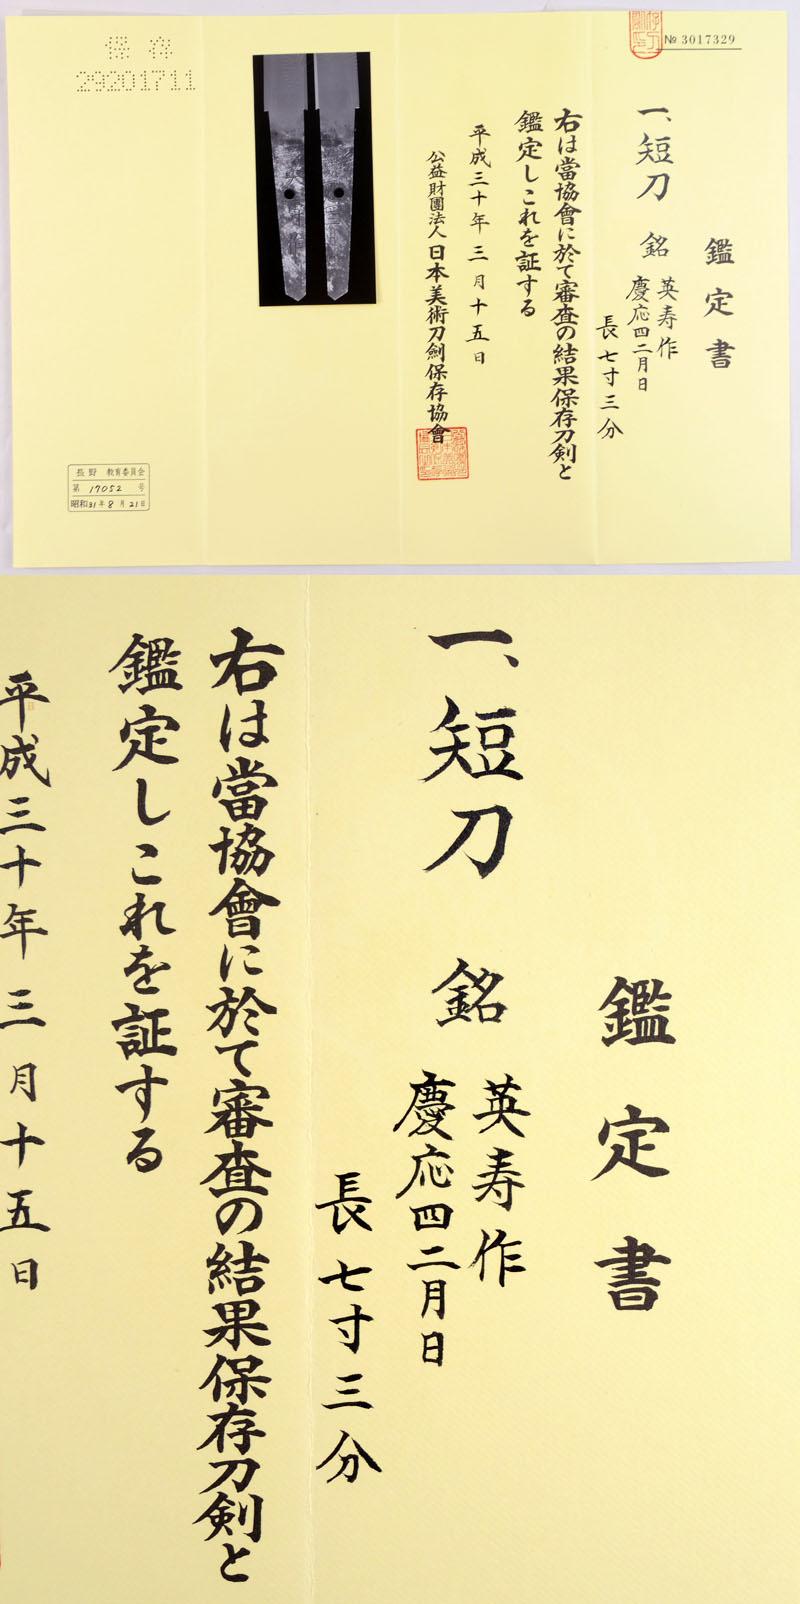 英寿作鑑定書画像